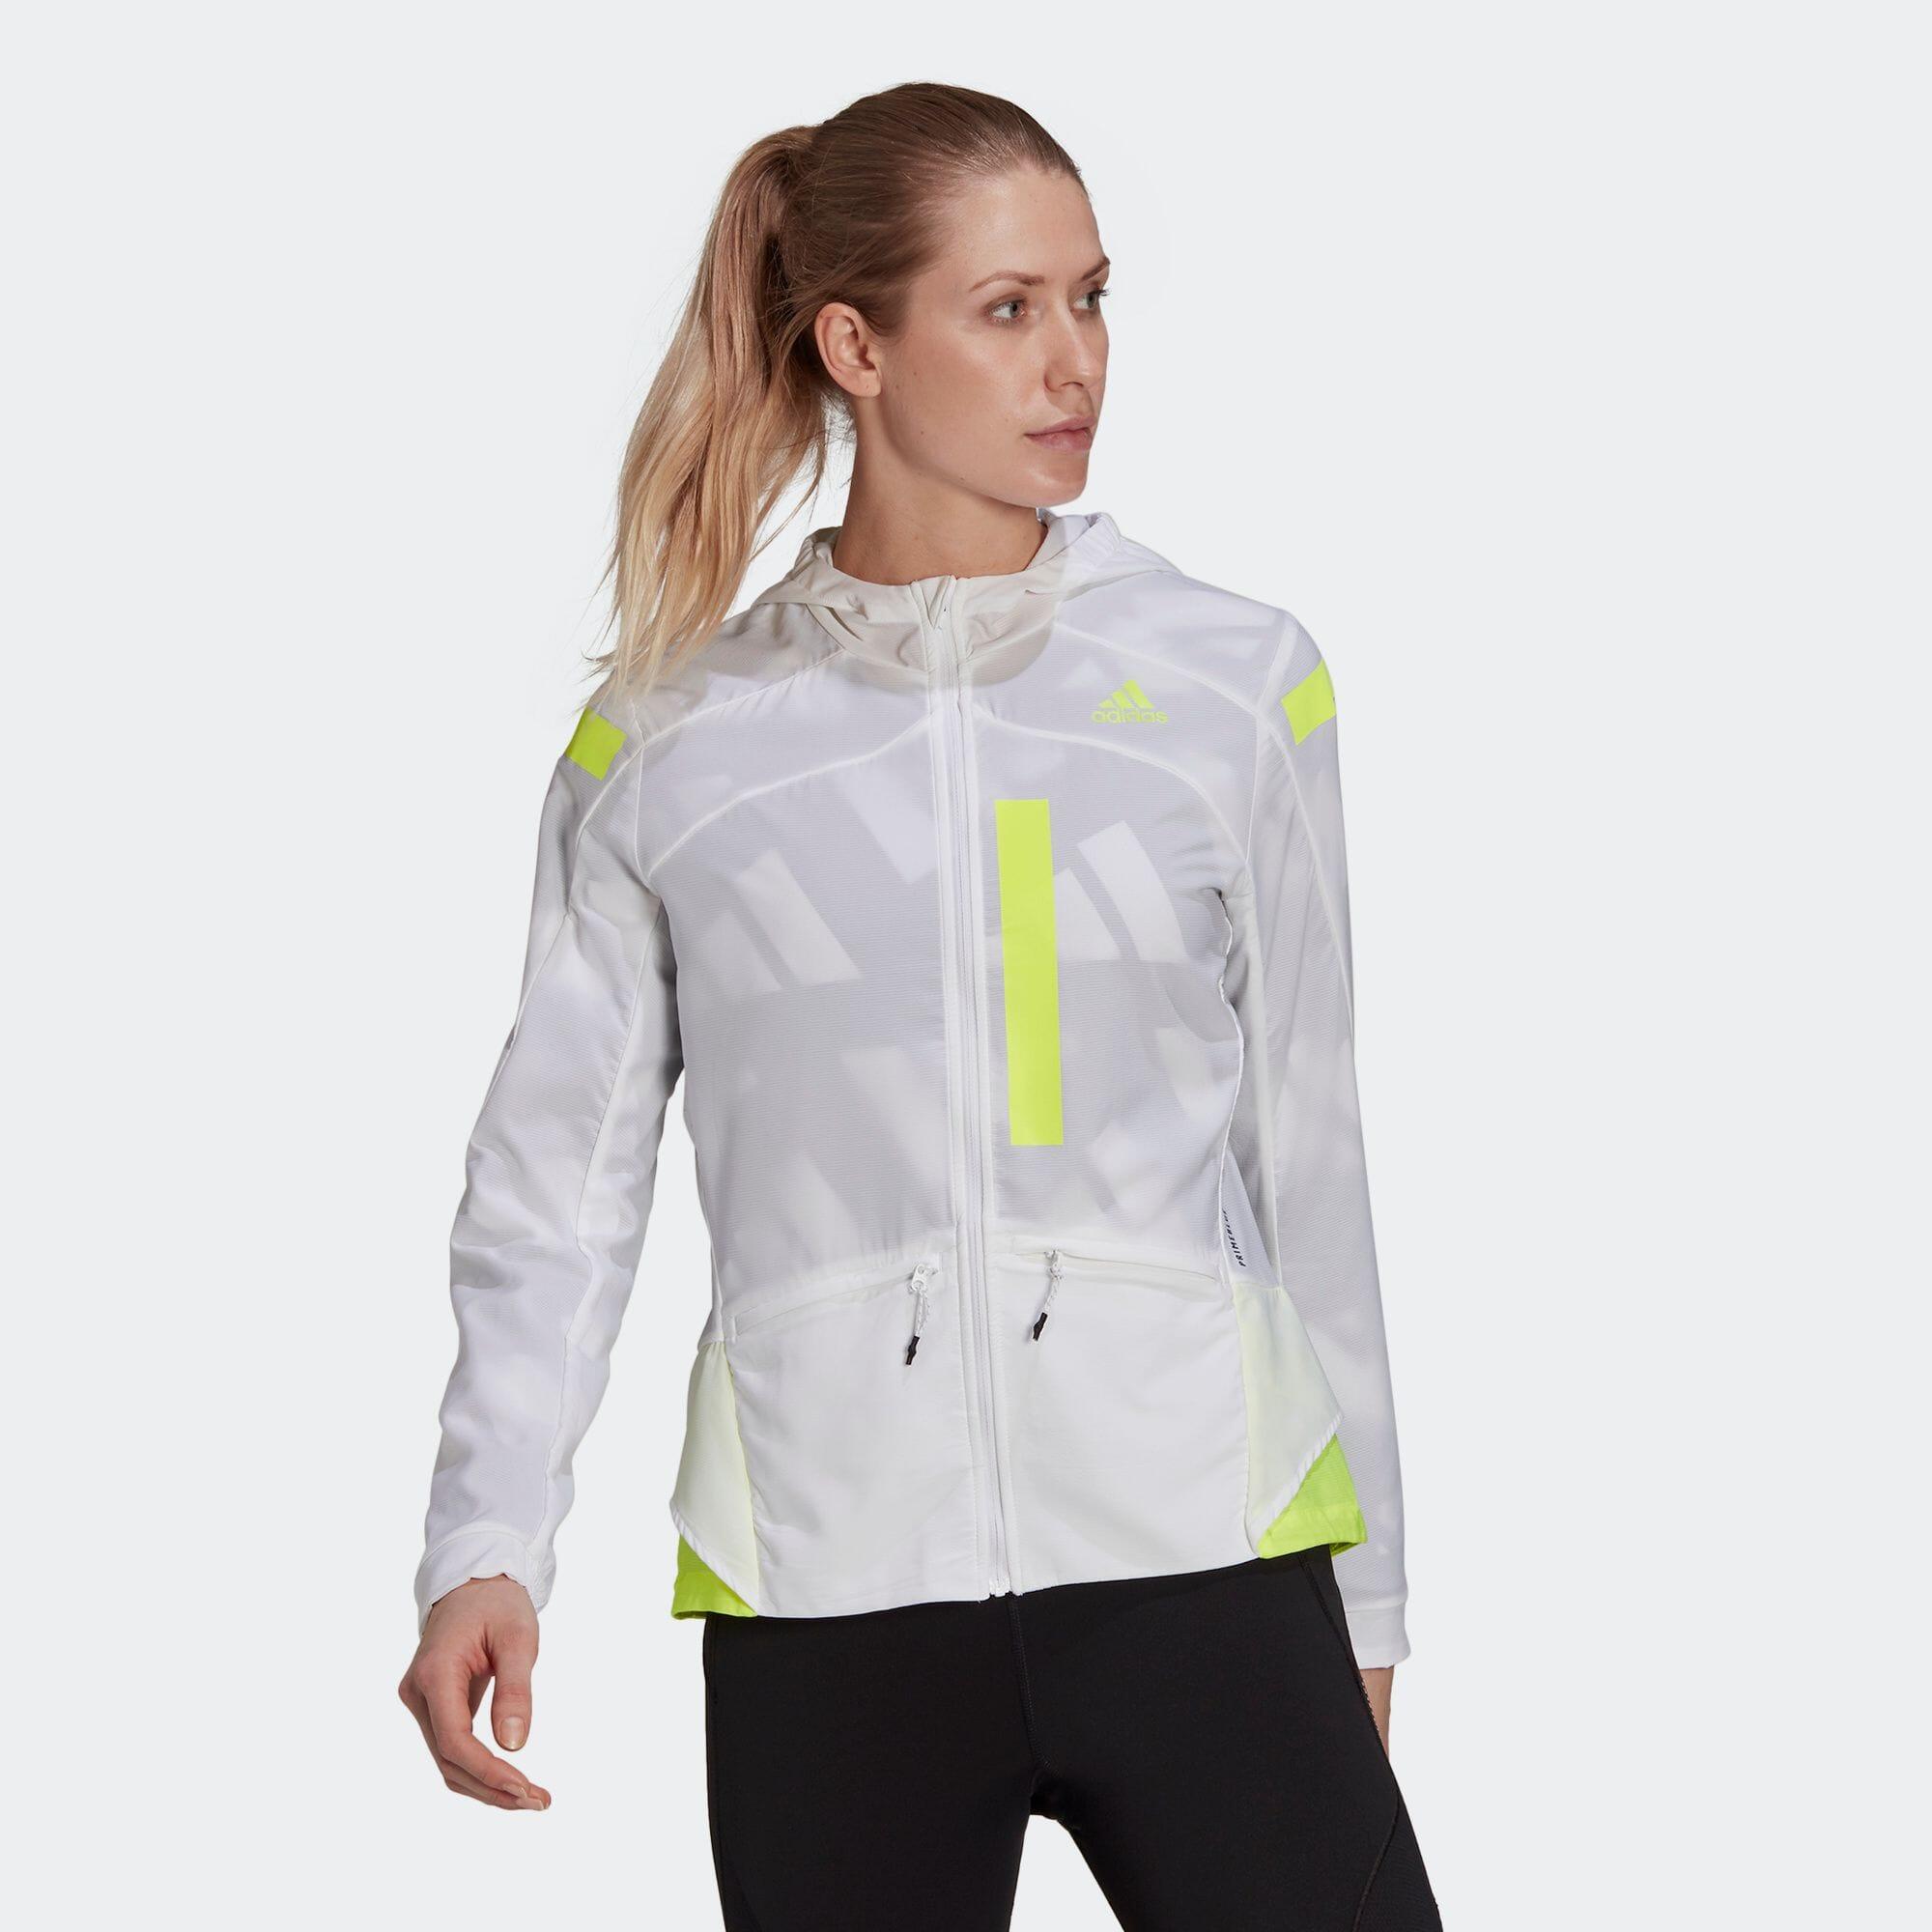 マラソン トランスルーセント ジャケット / Marathon Translucent Jacket